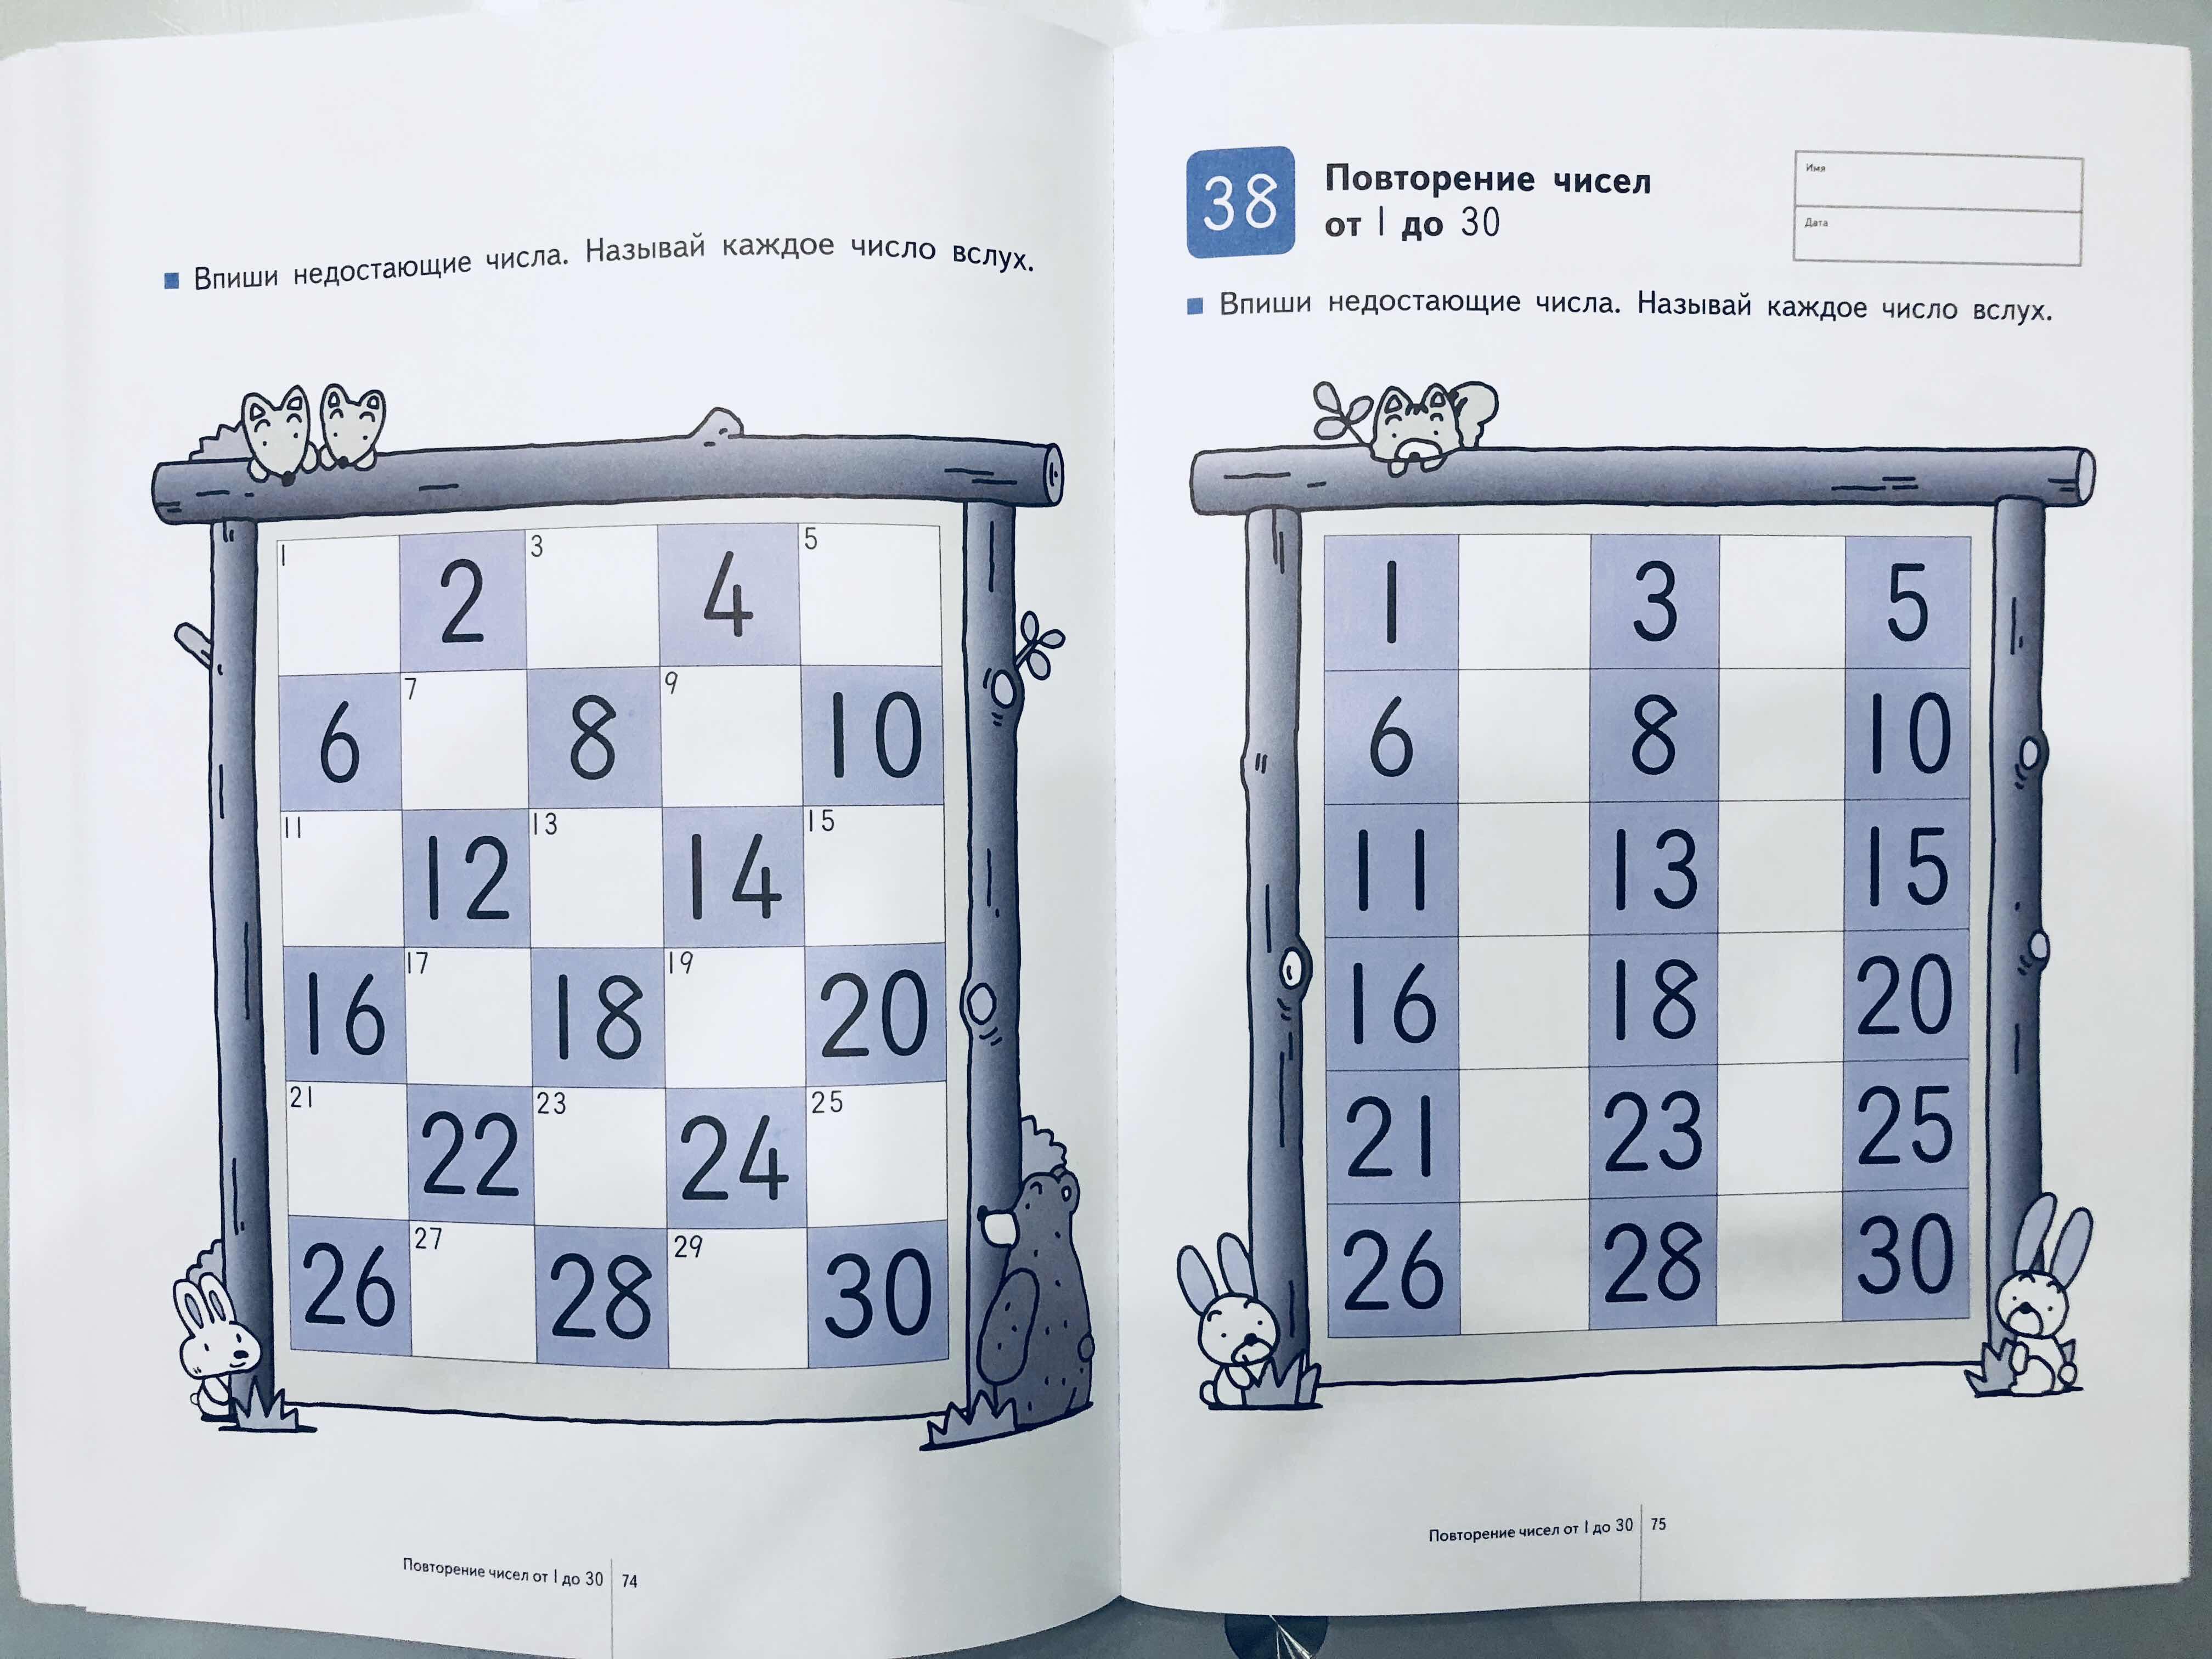 Начинаем учиться считать. Изучаем счет от 1 до 30. 26